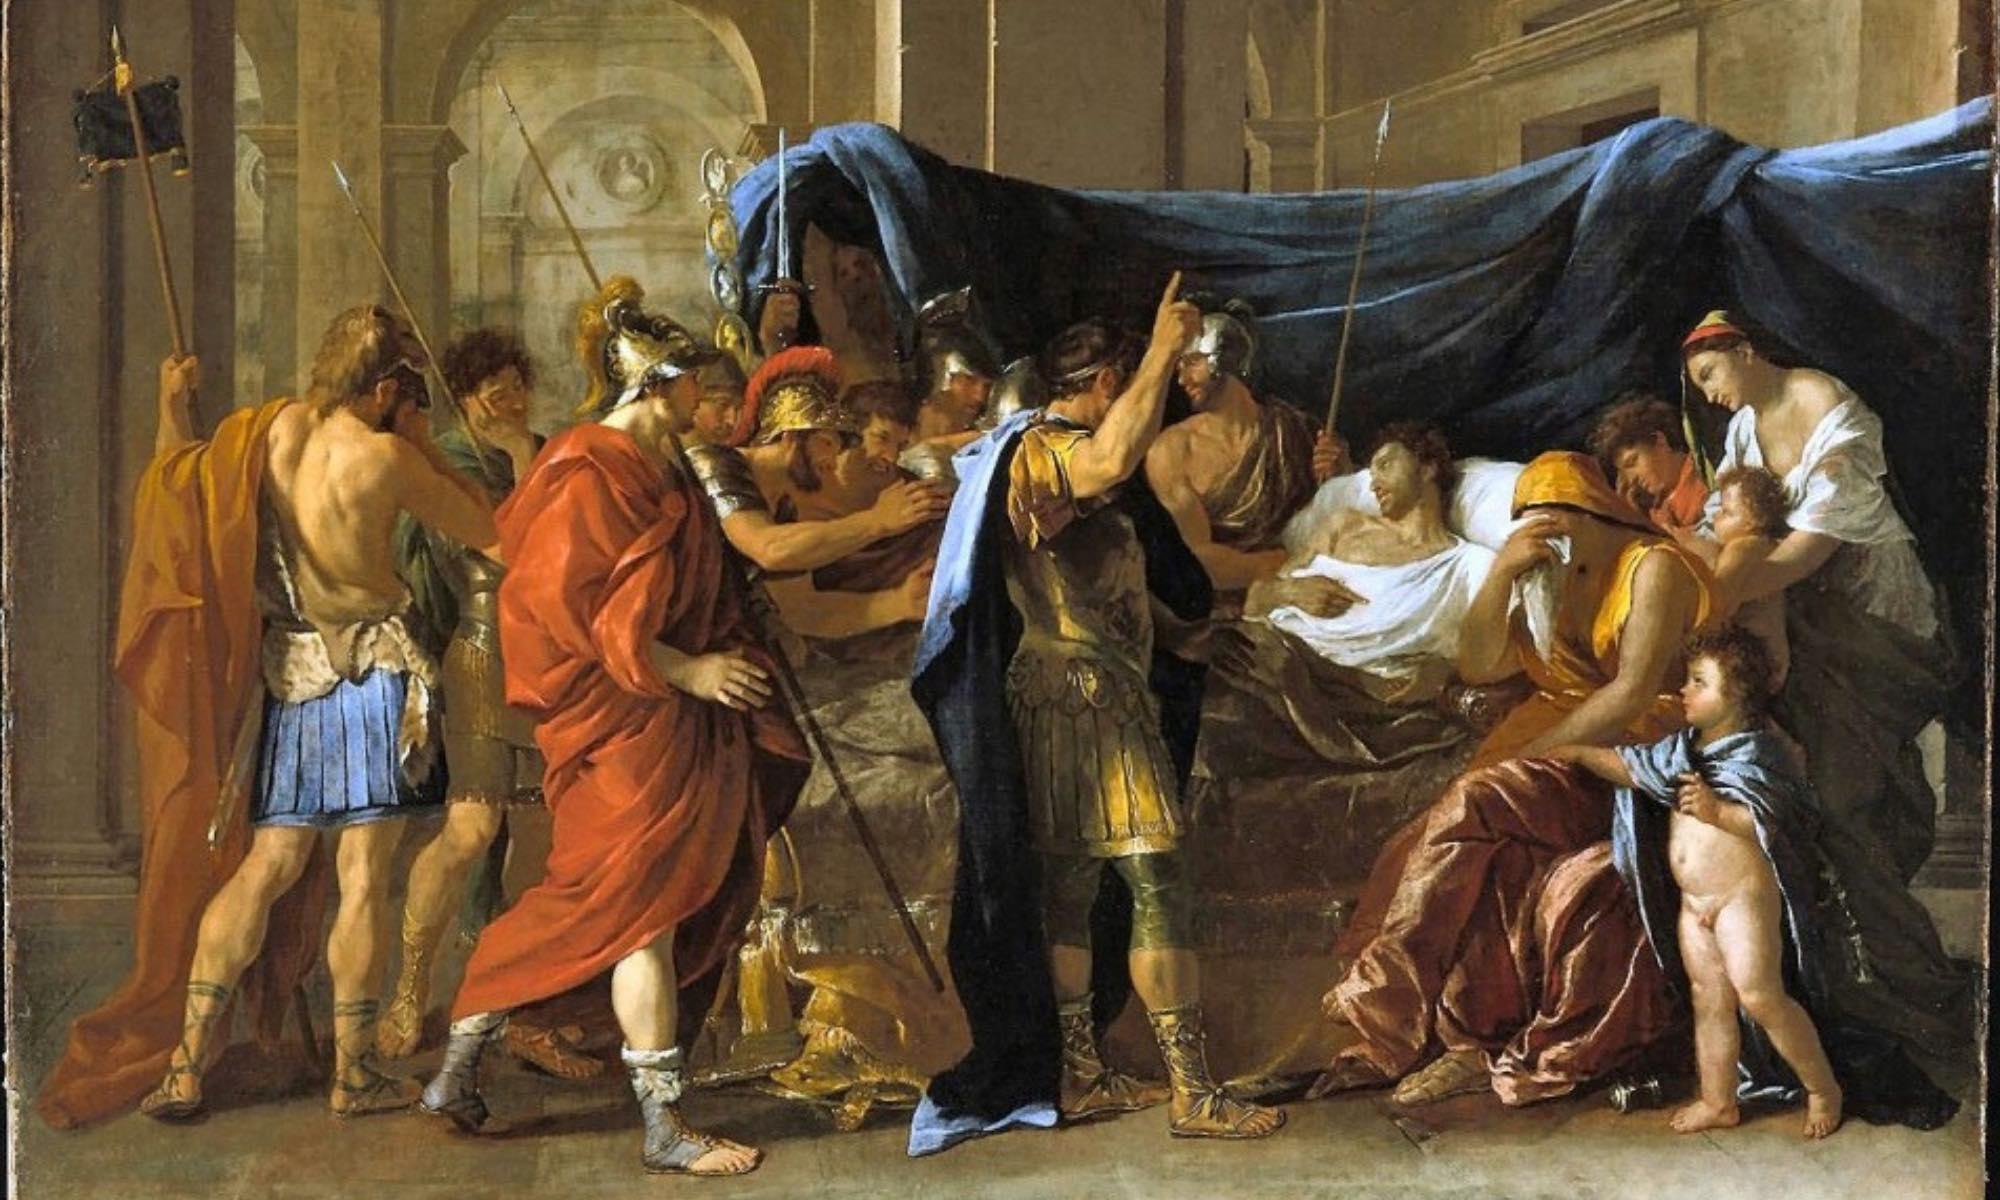 Quadro del pittore Nicolas Poussin che rappresenta la morte del generale Germanico